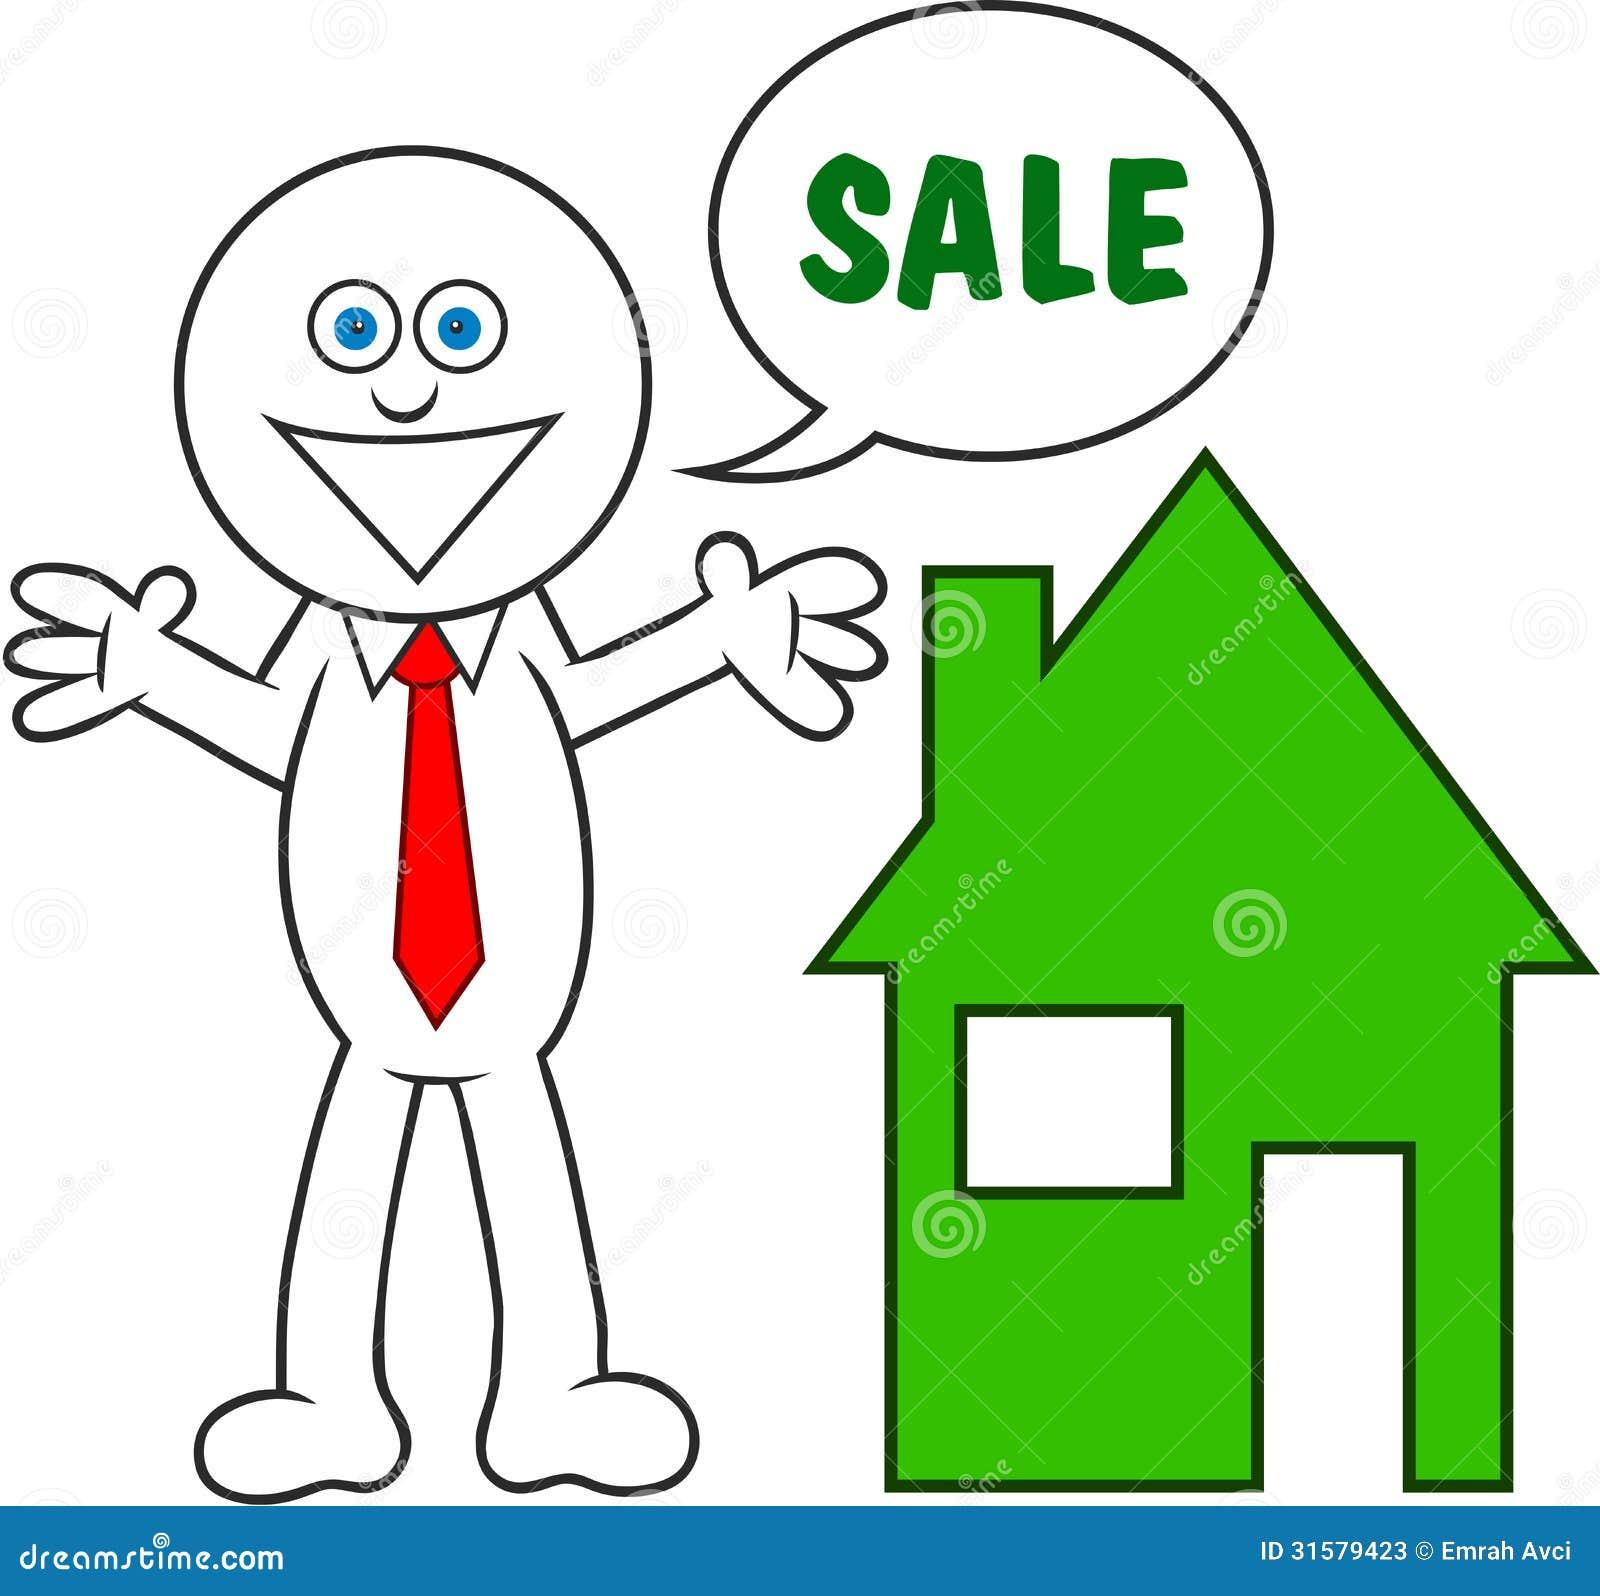 Cartoon Man Saying Sale Stock Photos - Image: 31579423 Smiling Dog And Cat